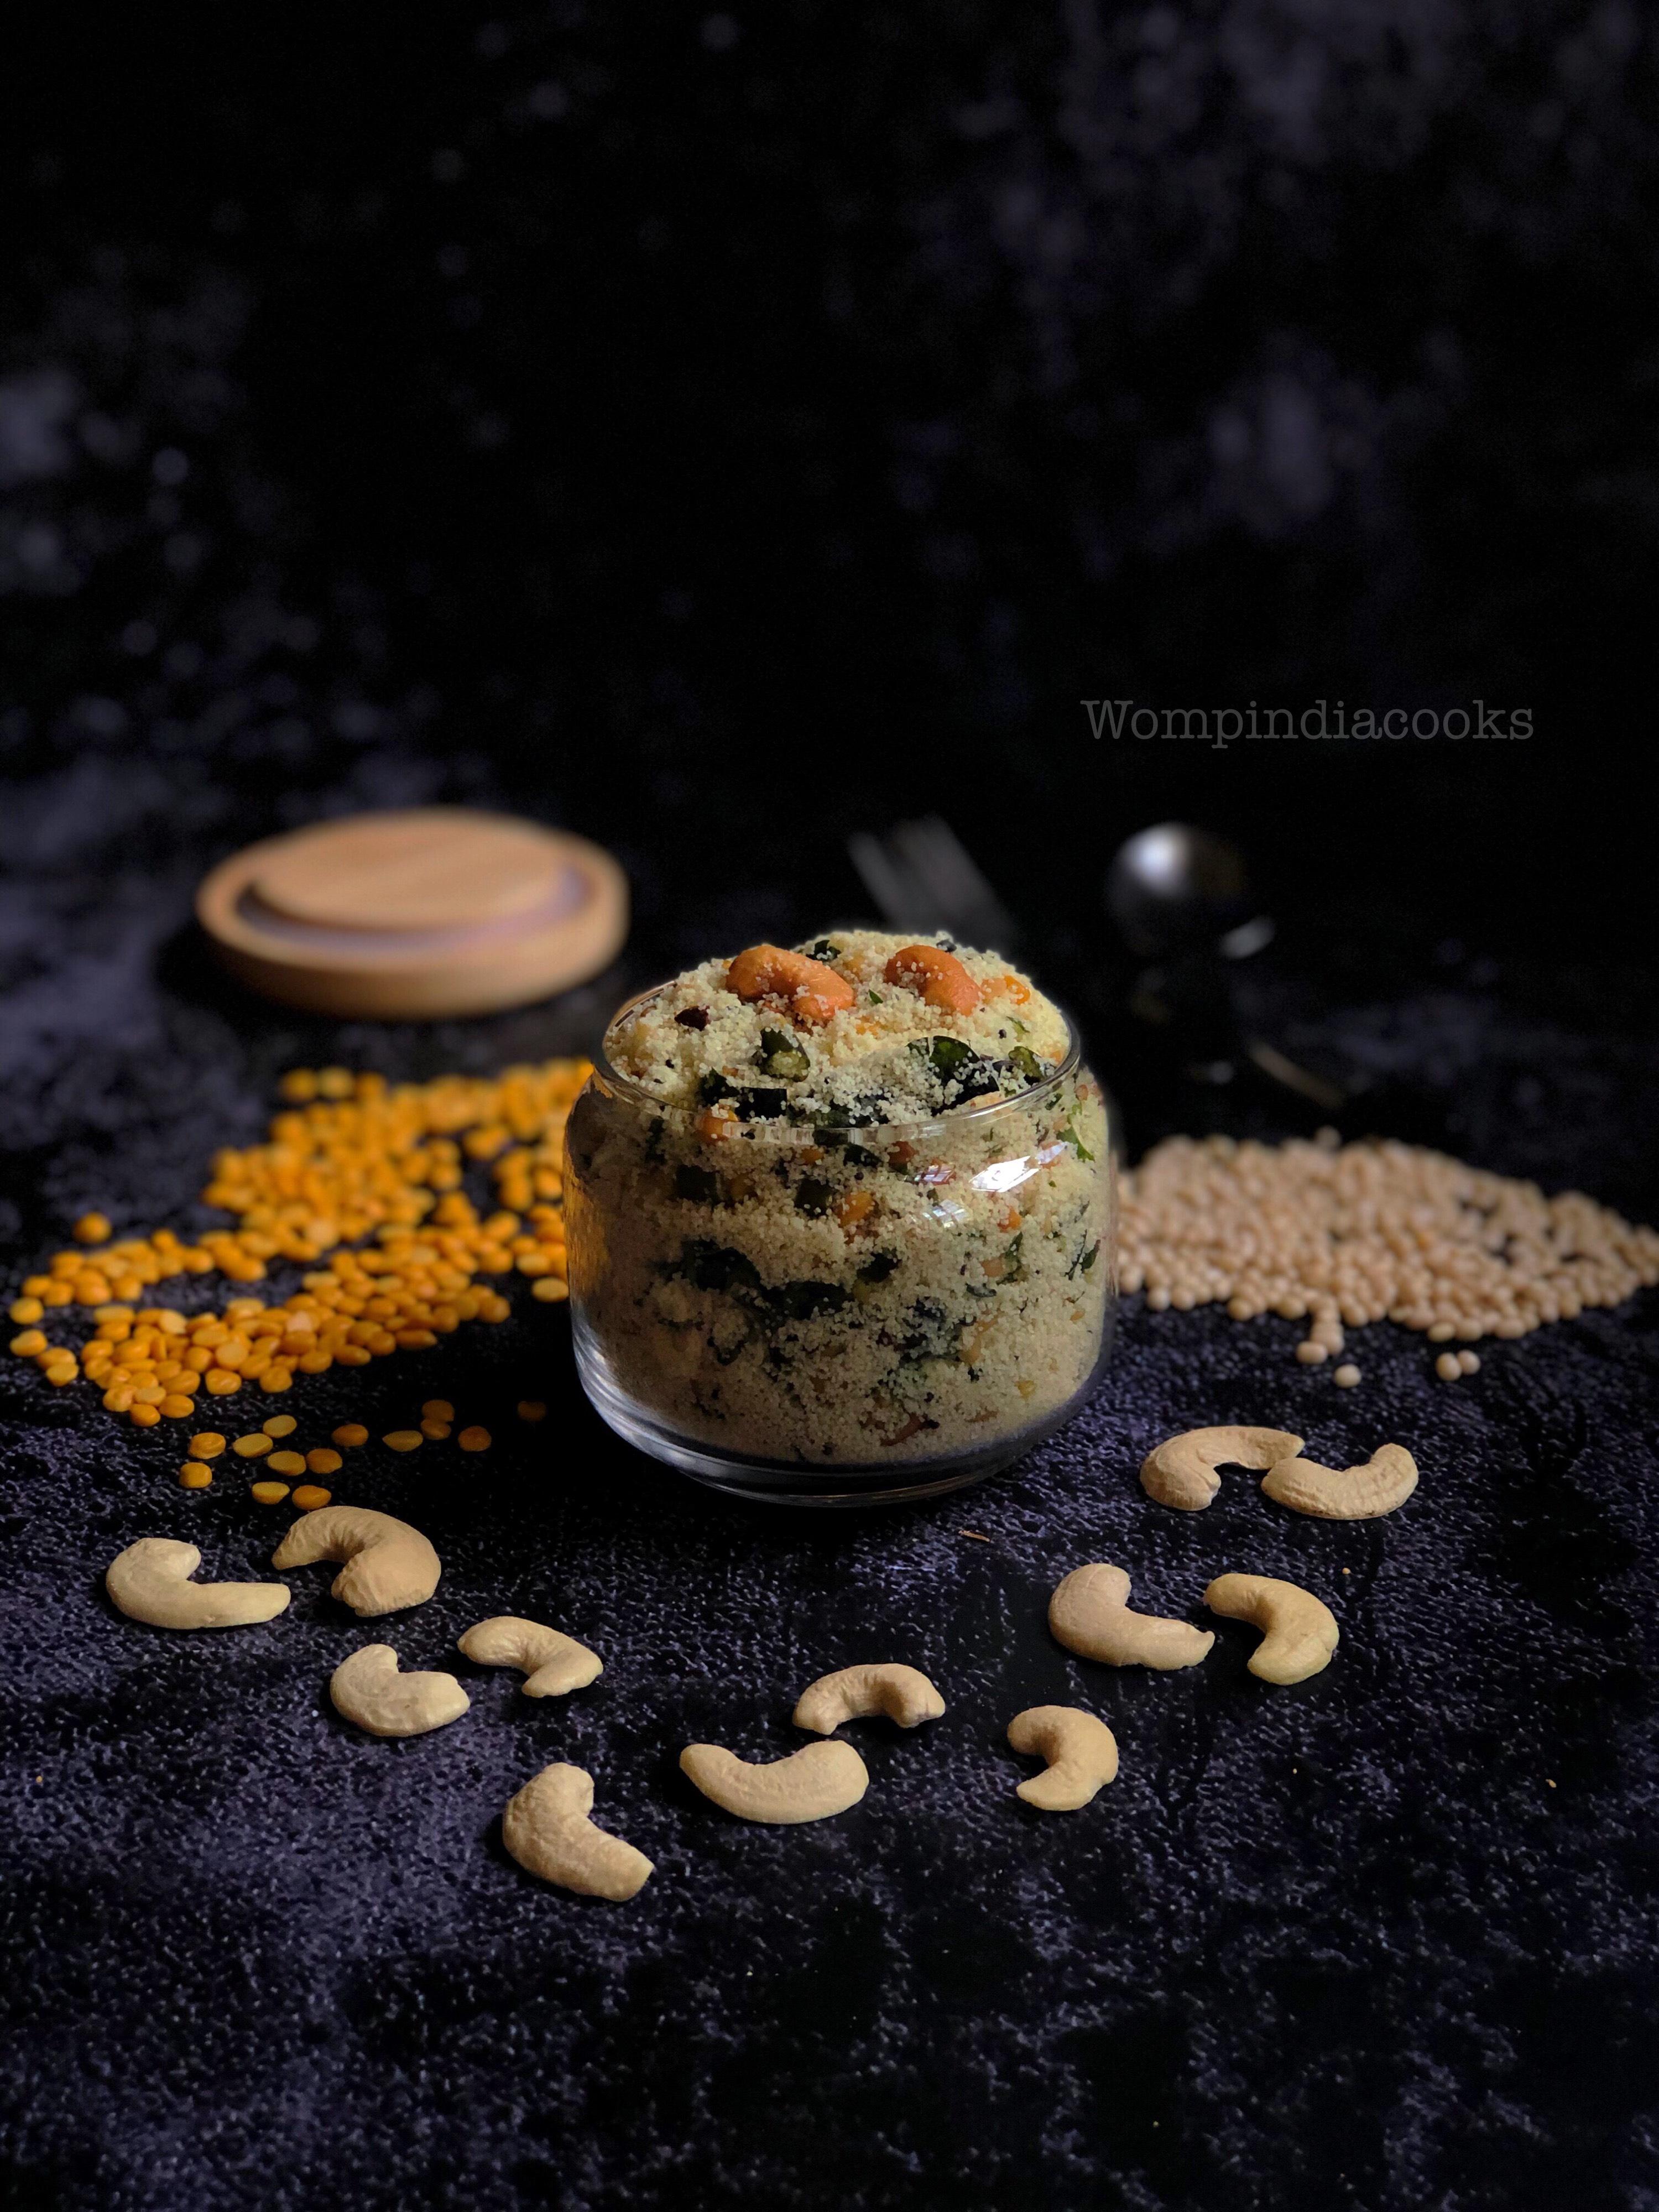 Instant Upma mix   Instant Rava upma mix   How to make instant rava upma mix at home